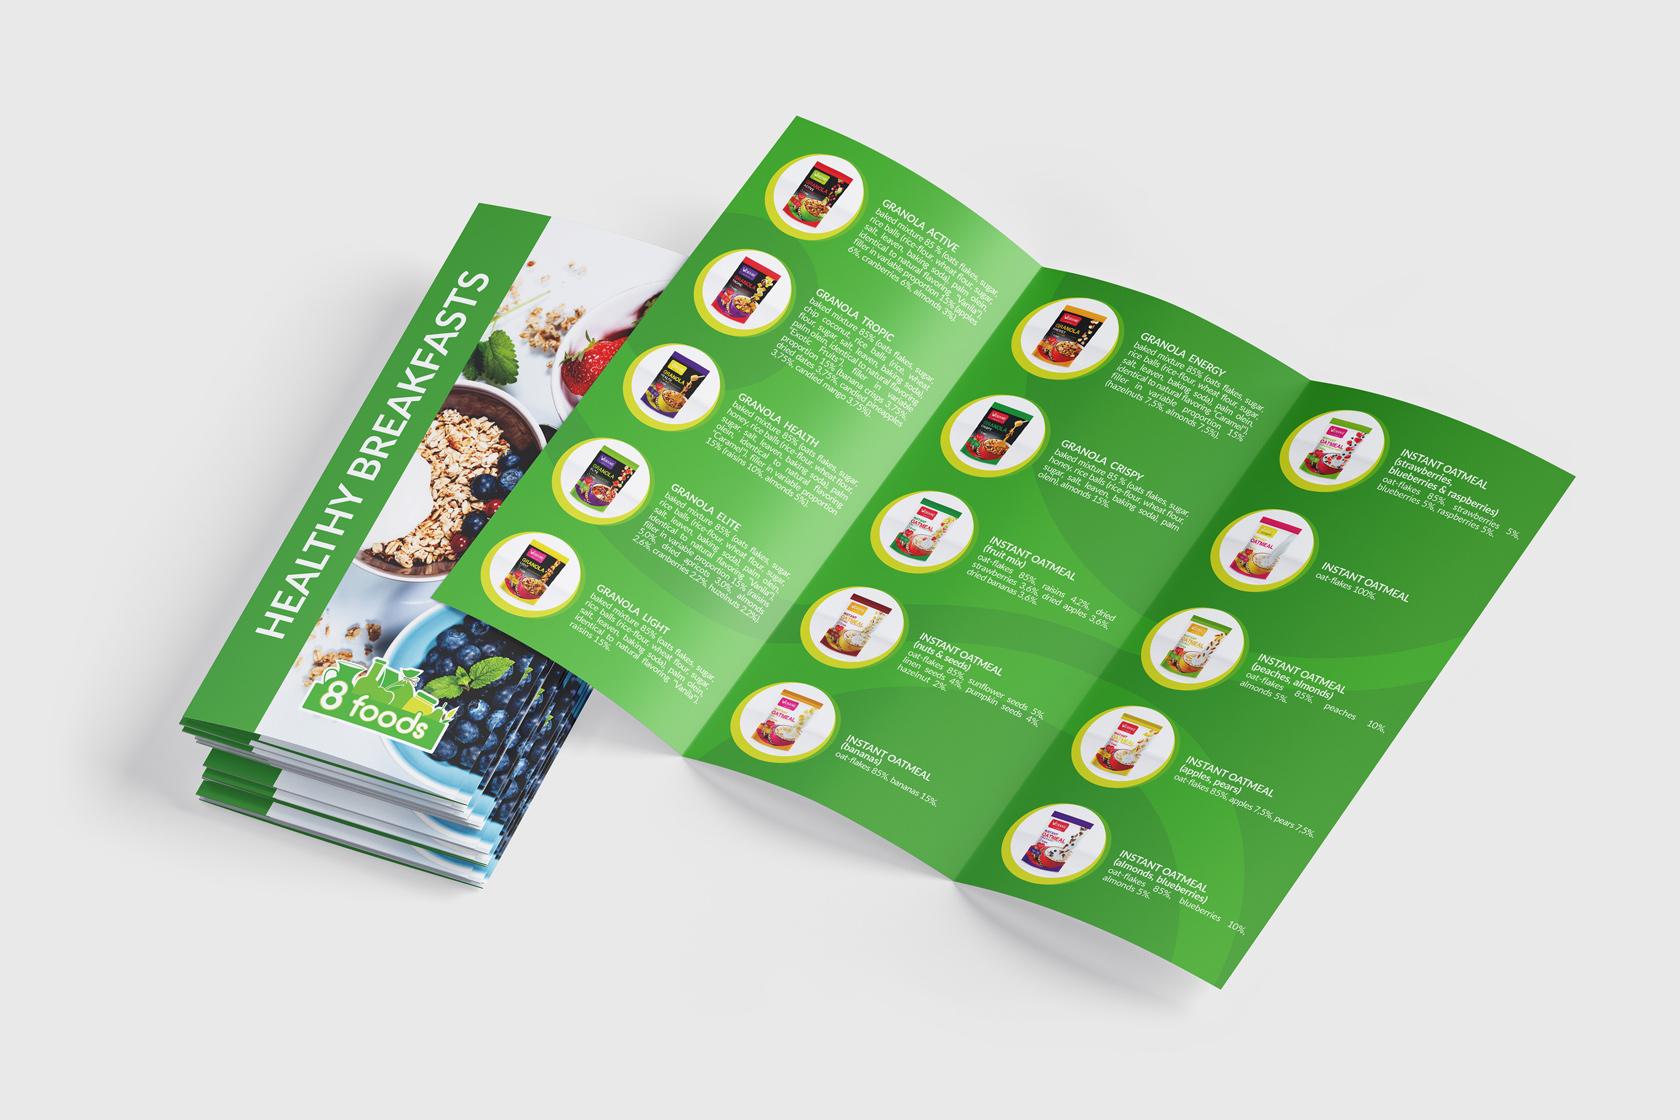 8 foods дизайн буклета